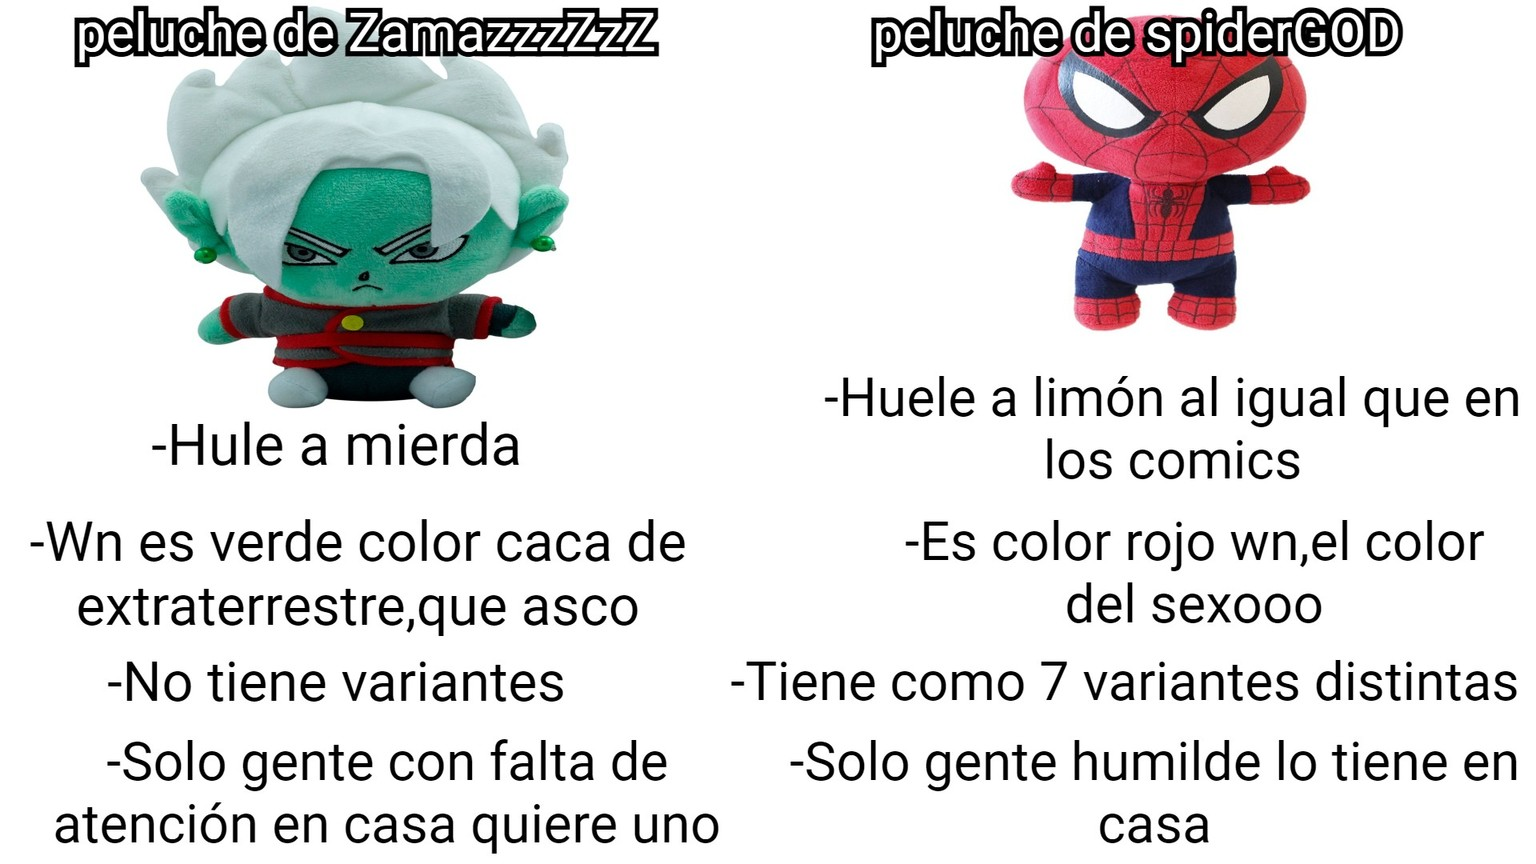 ZzZzZzZZ - meme